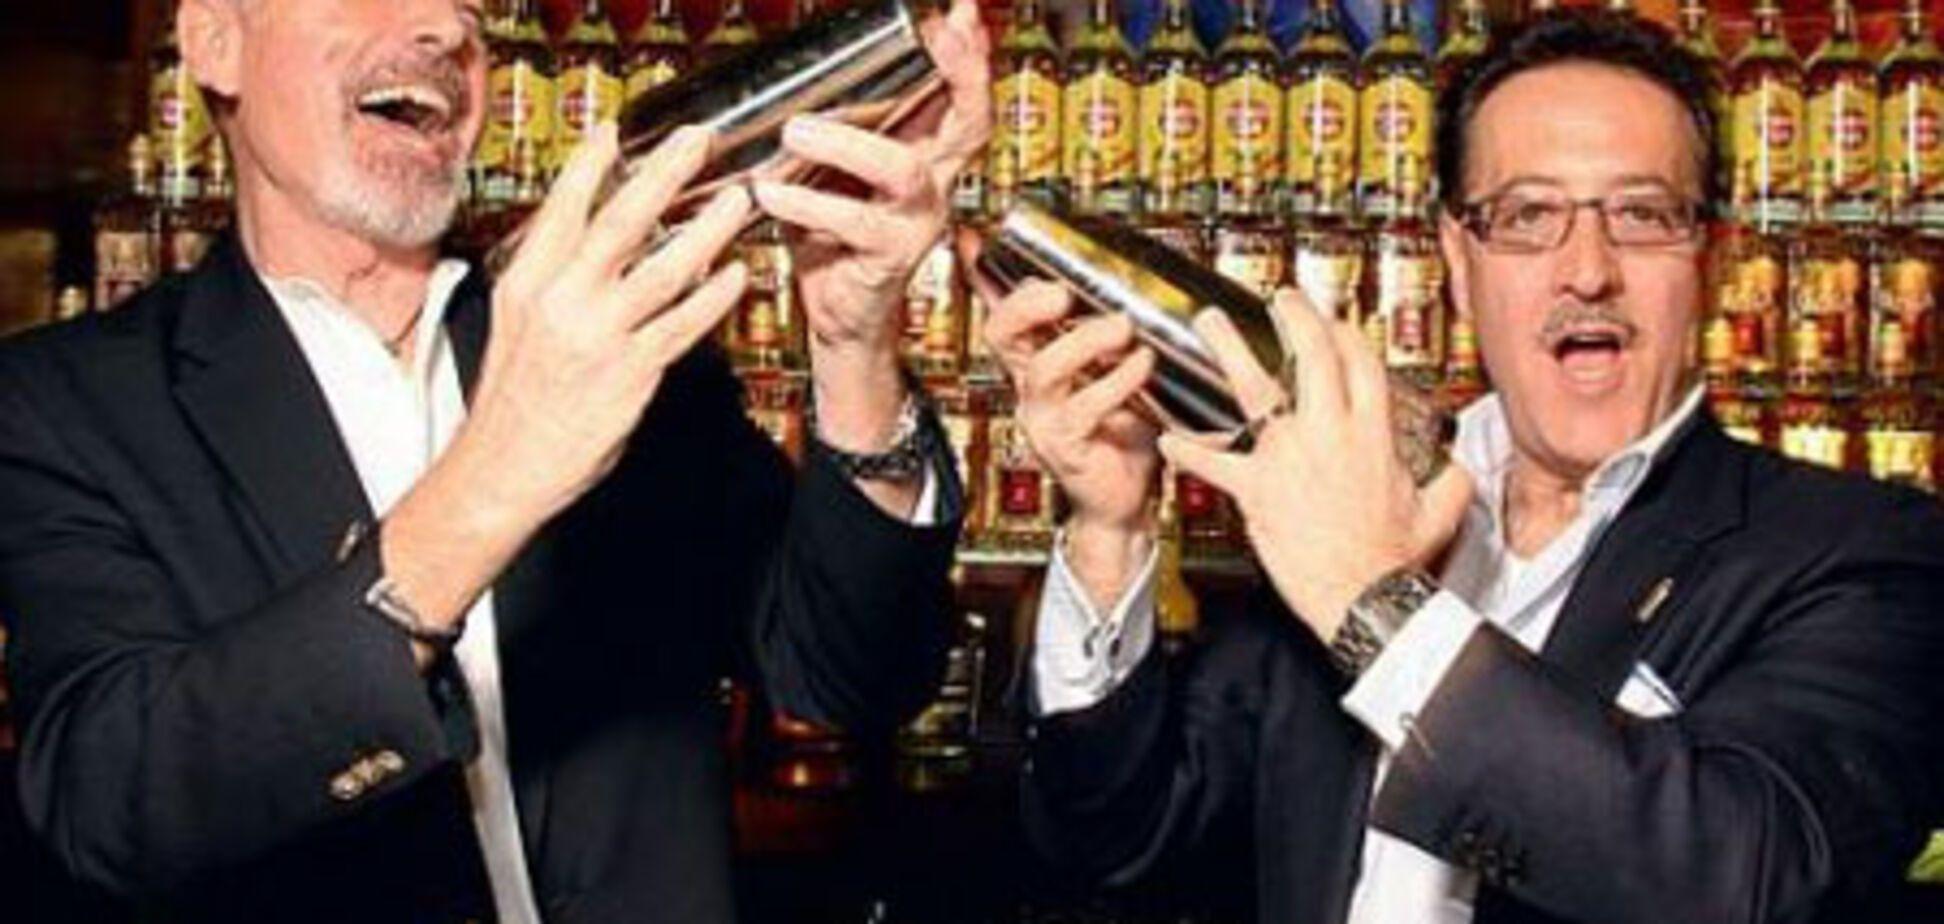 Алкогольные пристрастия королевской семьи